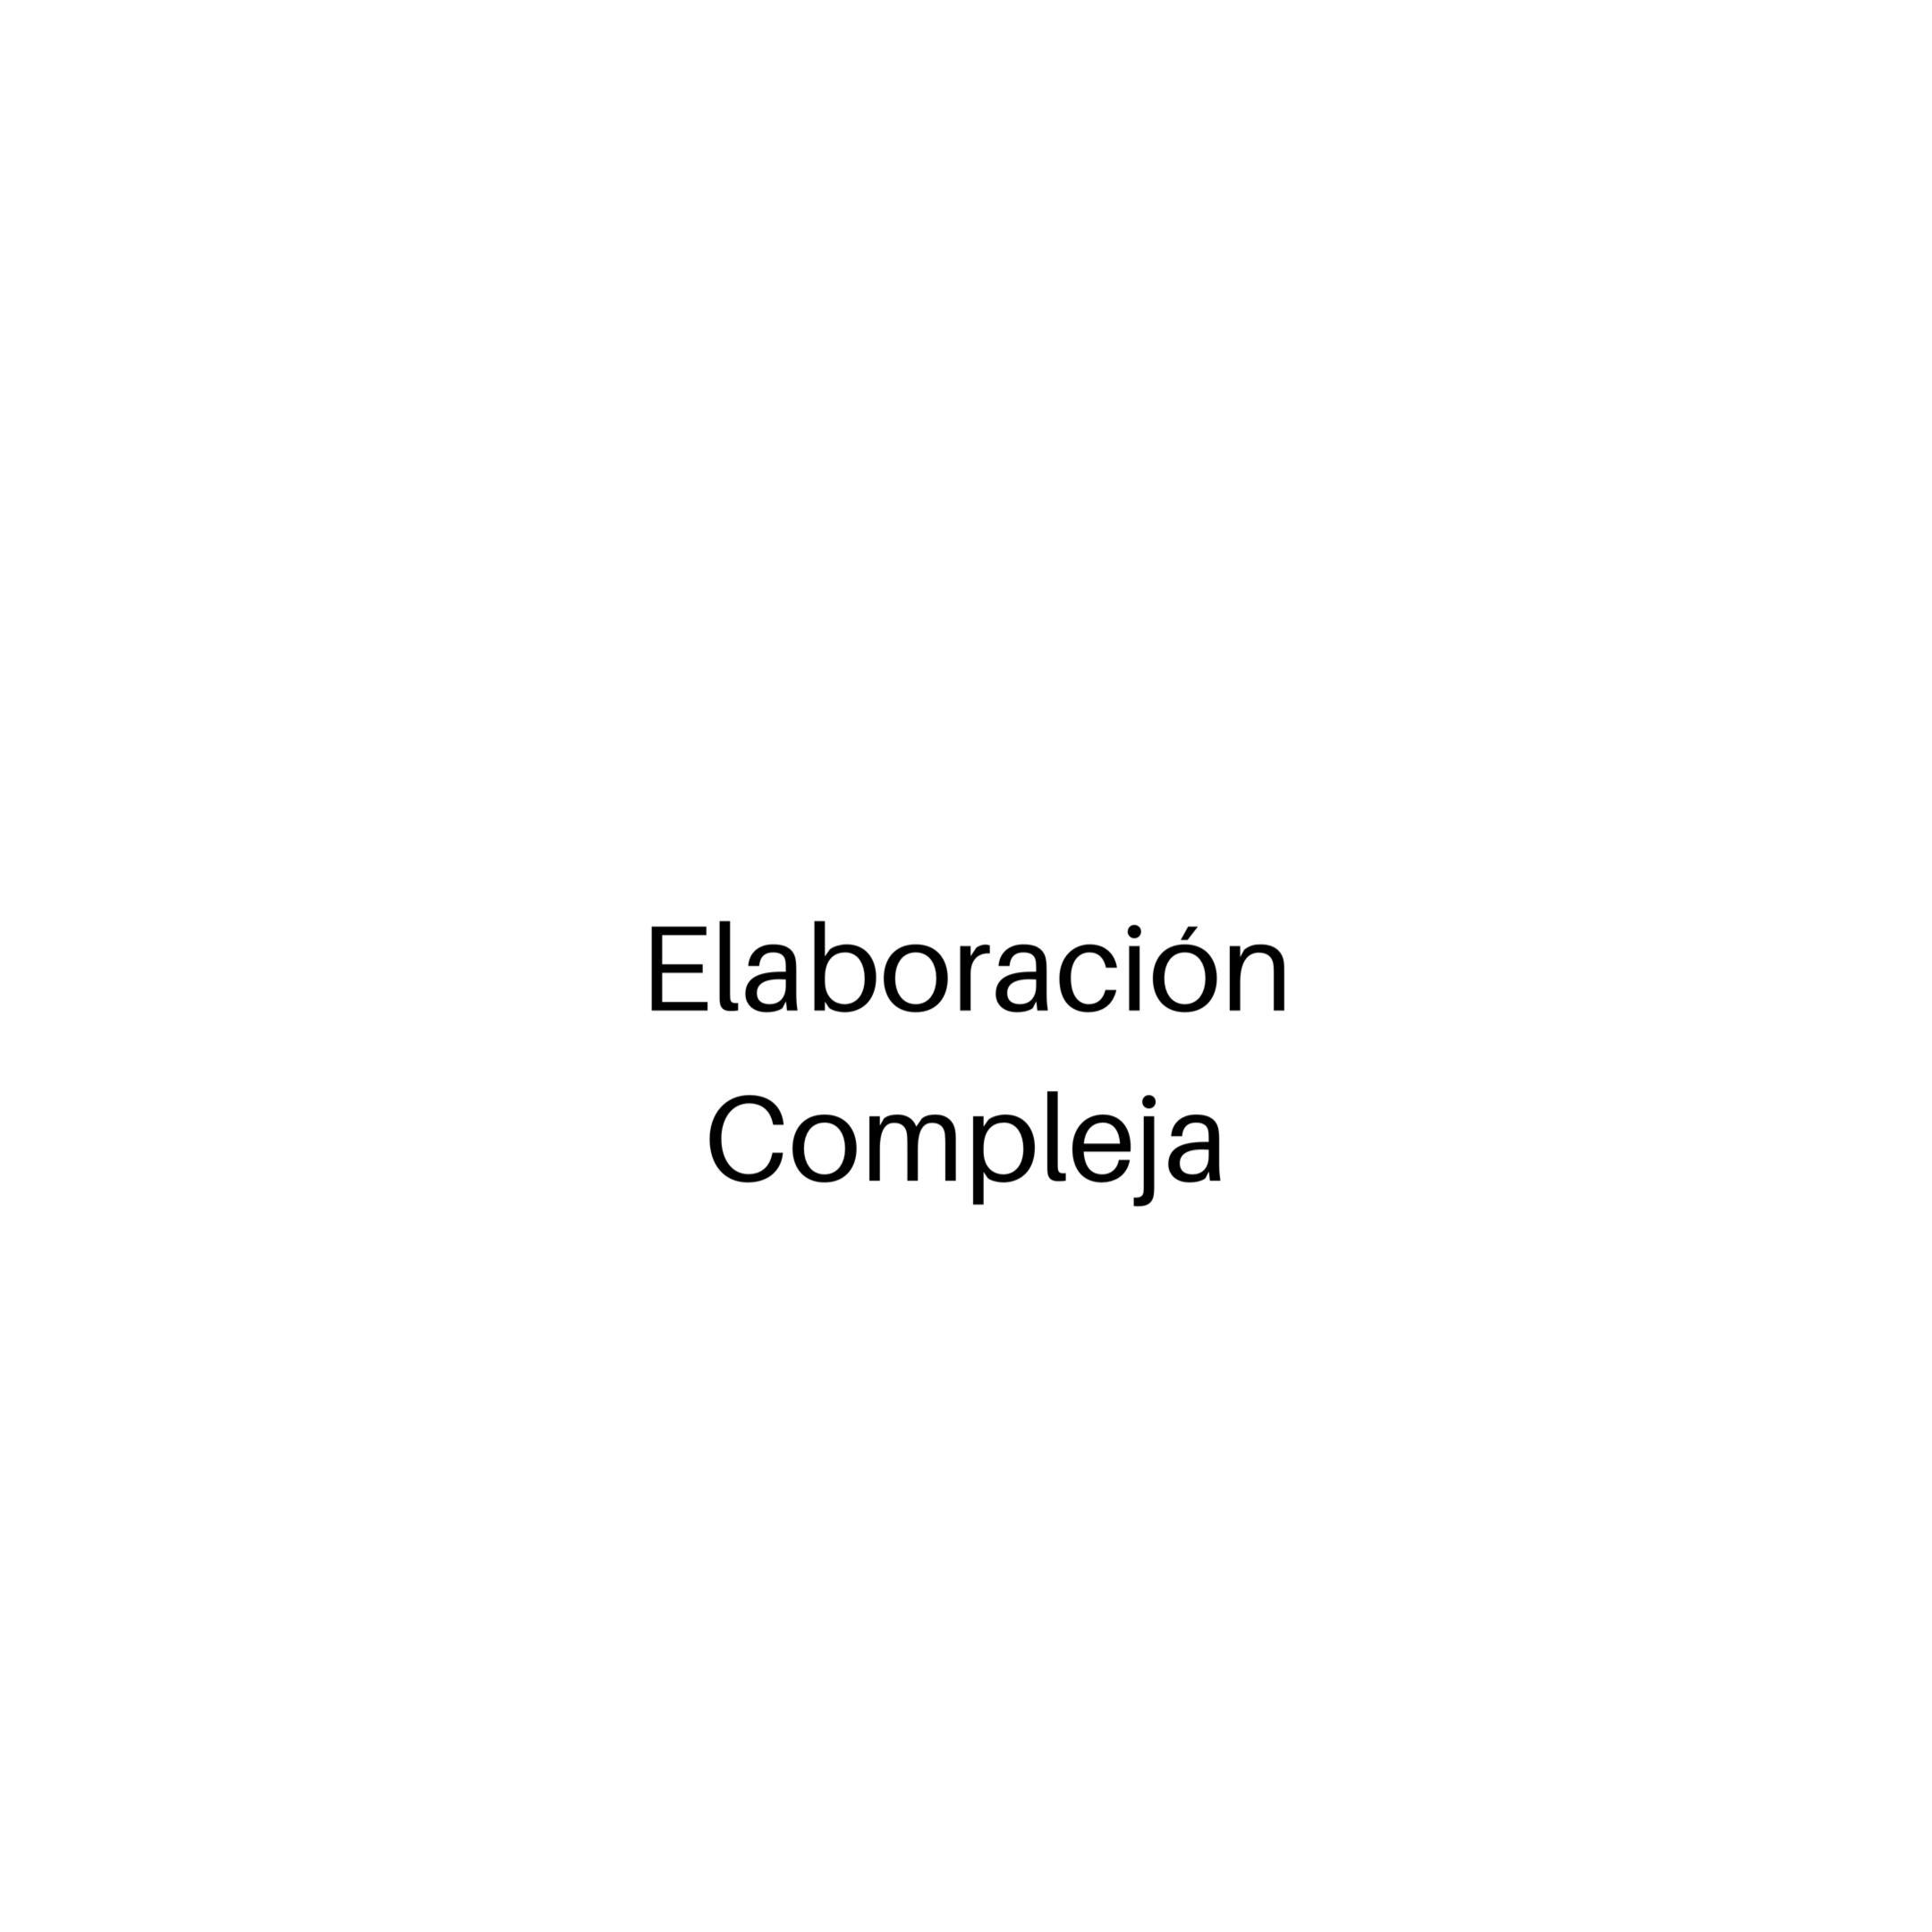 COMPLEJA ELABORACIÓN